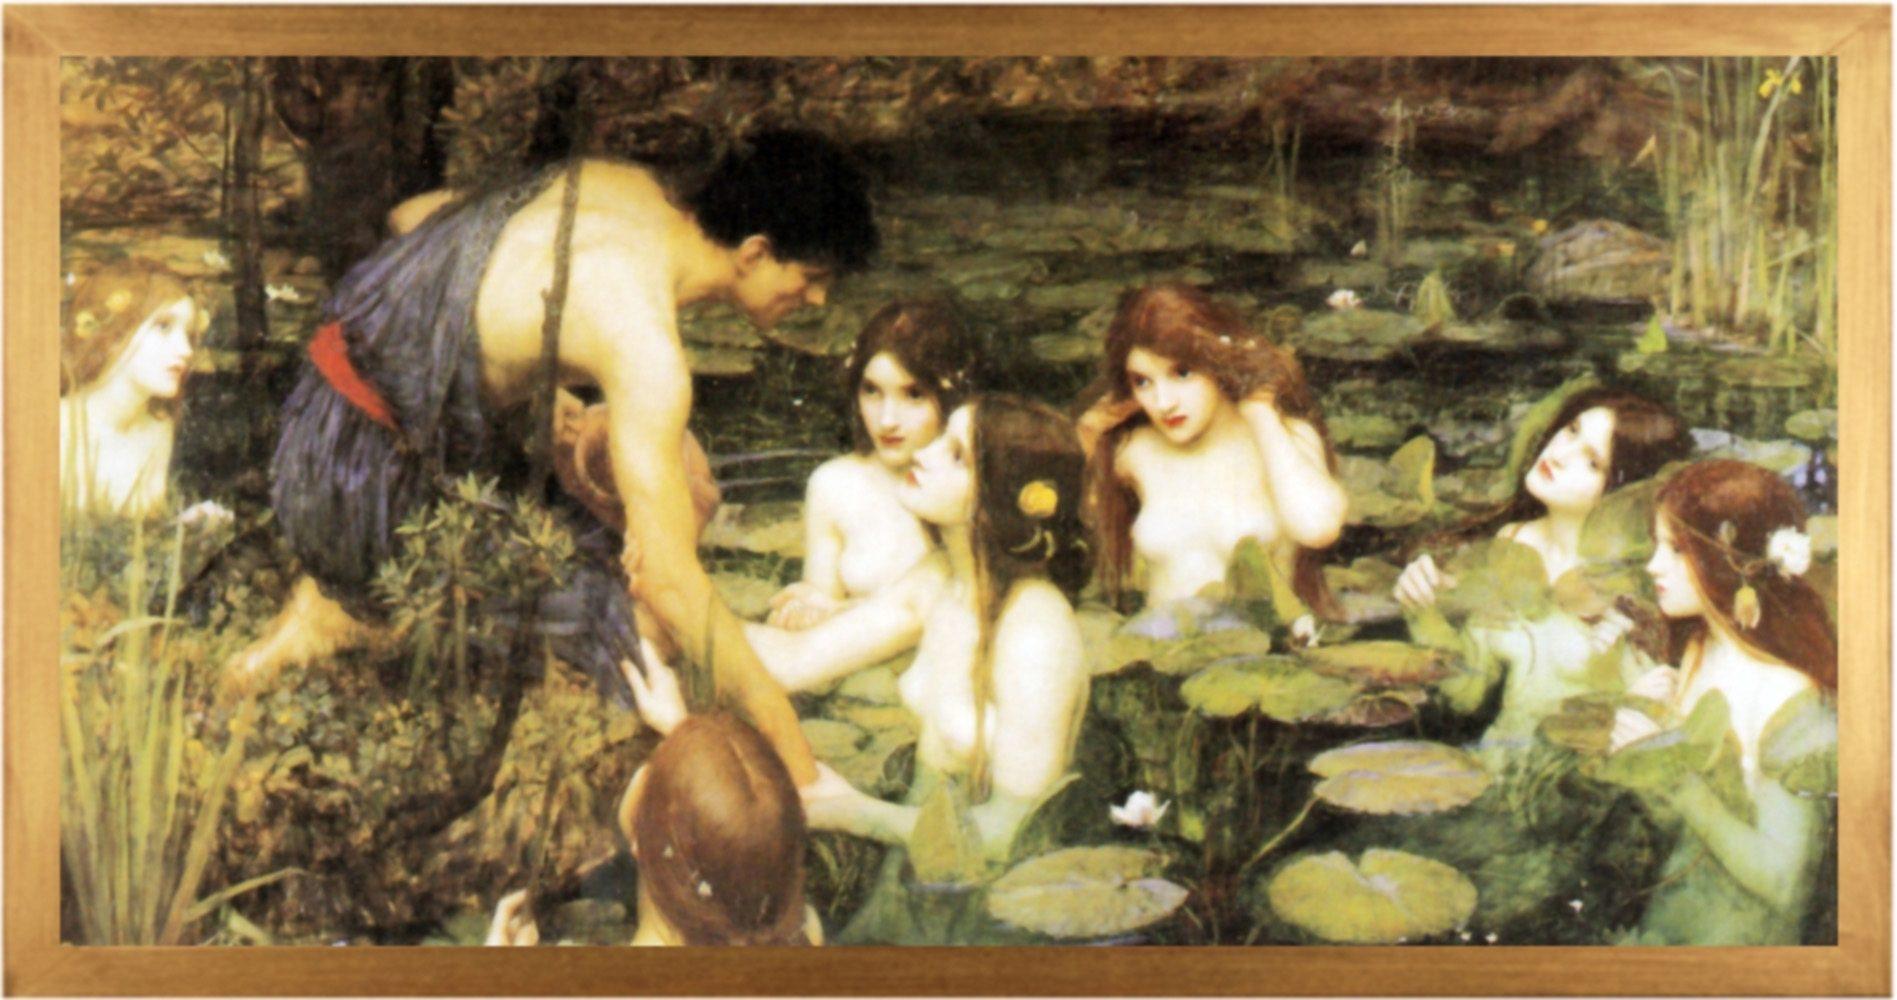 Home Affaire Bild Kunstdruck »Waterhouse, Hylas and the Nymphs«, 106/56 cm